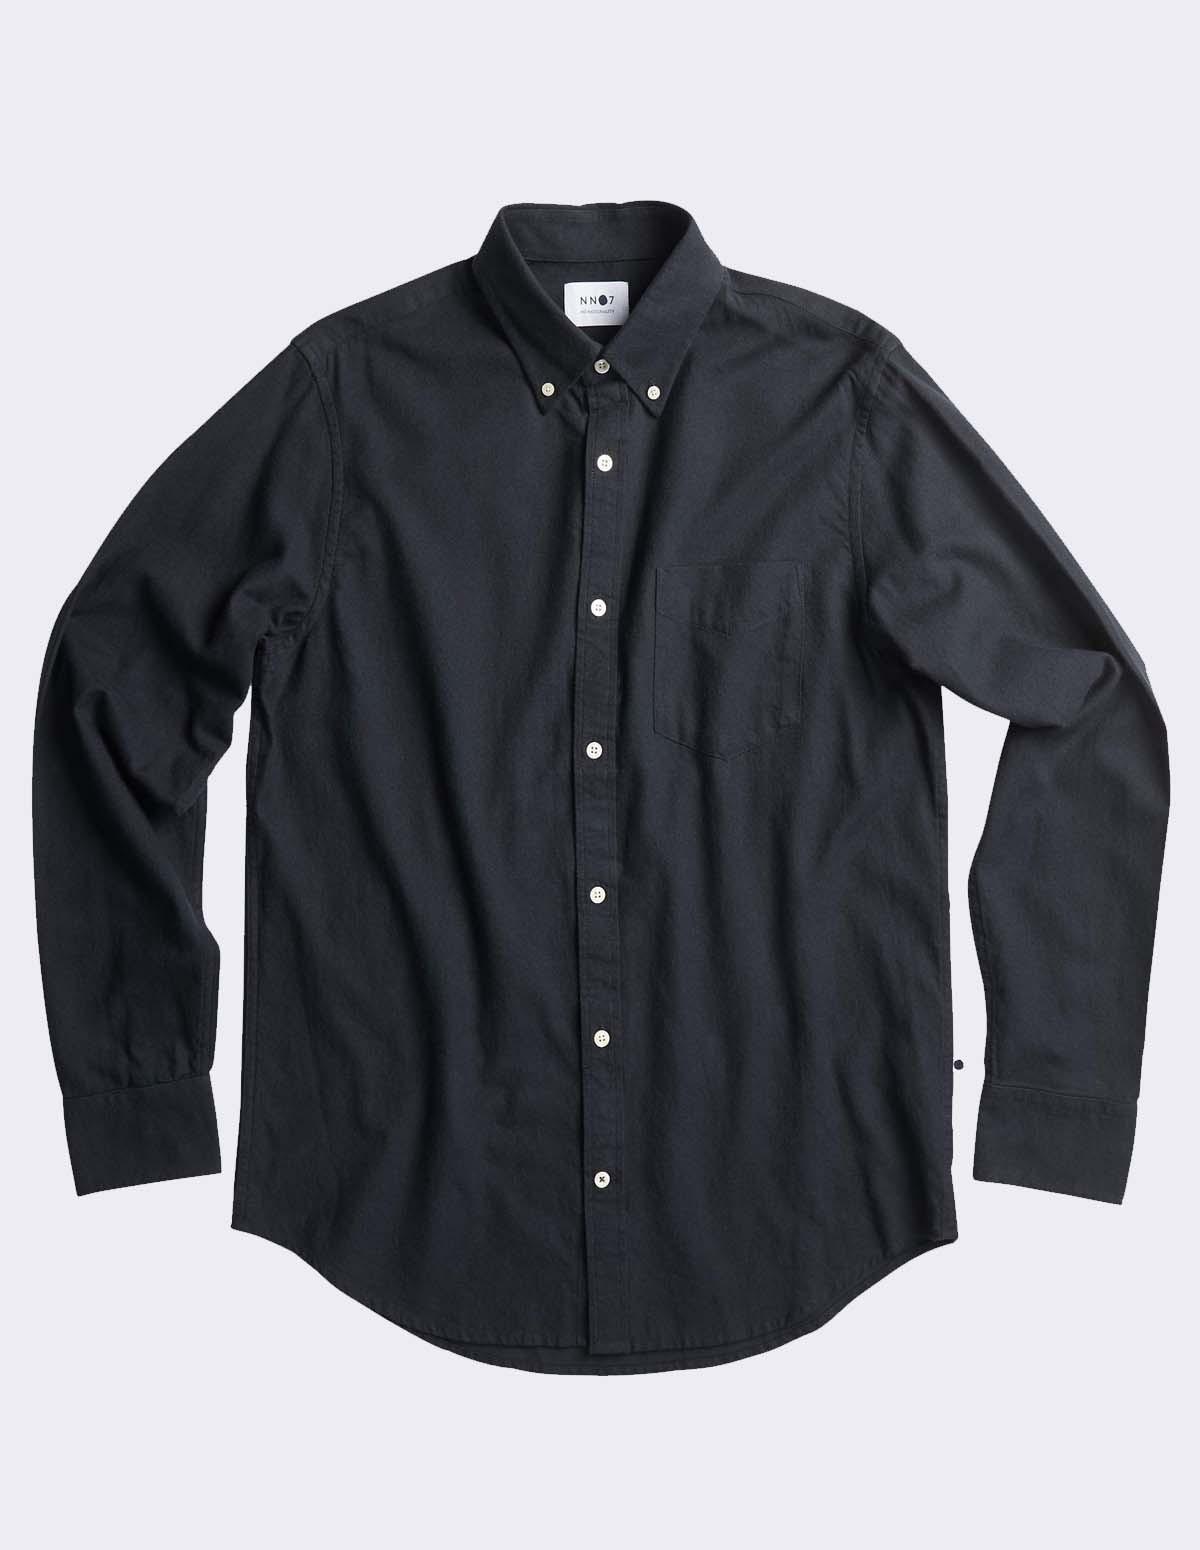 Nn07 Levon Shirt 5159 - 999 NOIR